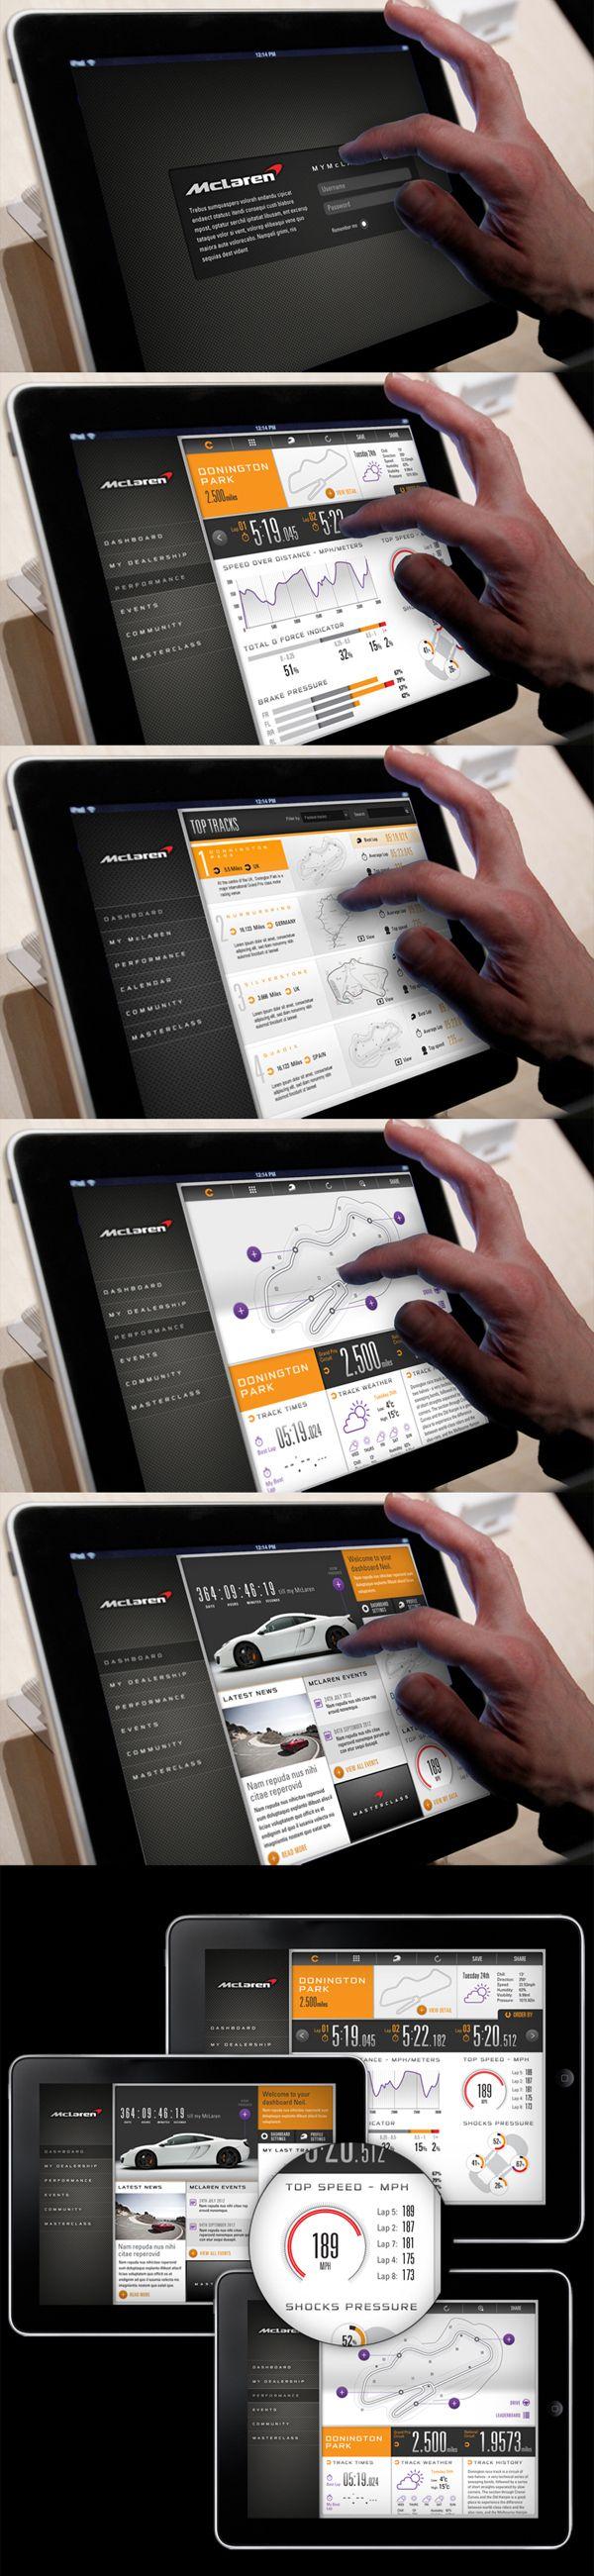 McLaren Automotive Connected Car by Thomas Moeller, via Behance